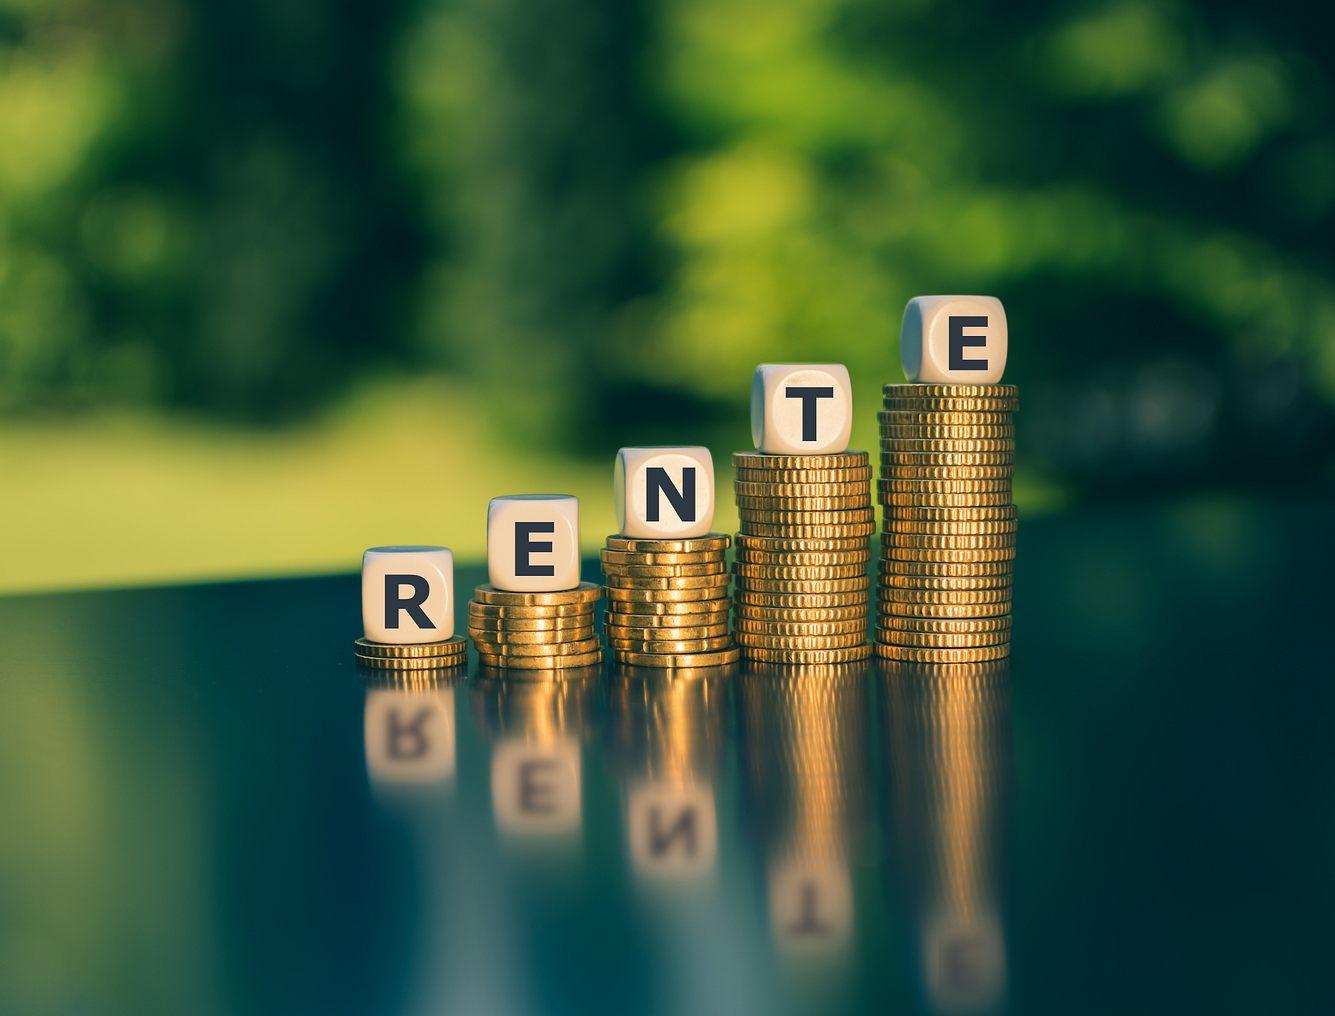 Fünf Stapel Kleingeld mit dem Wort Rente.